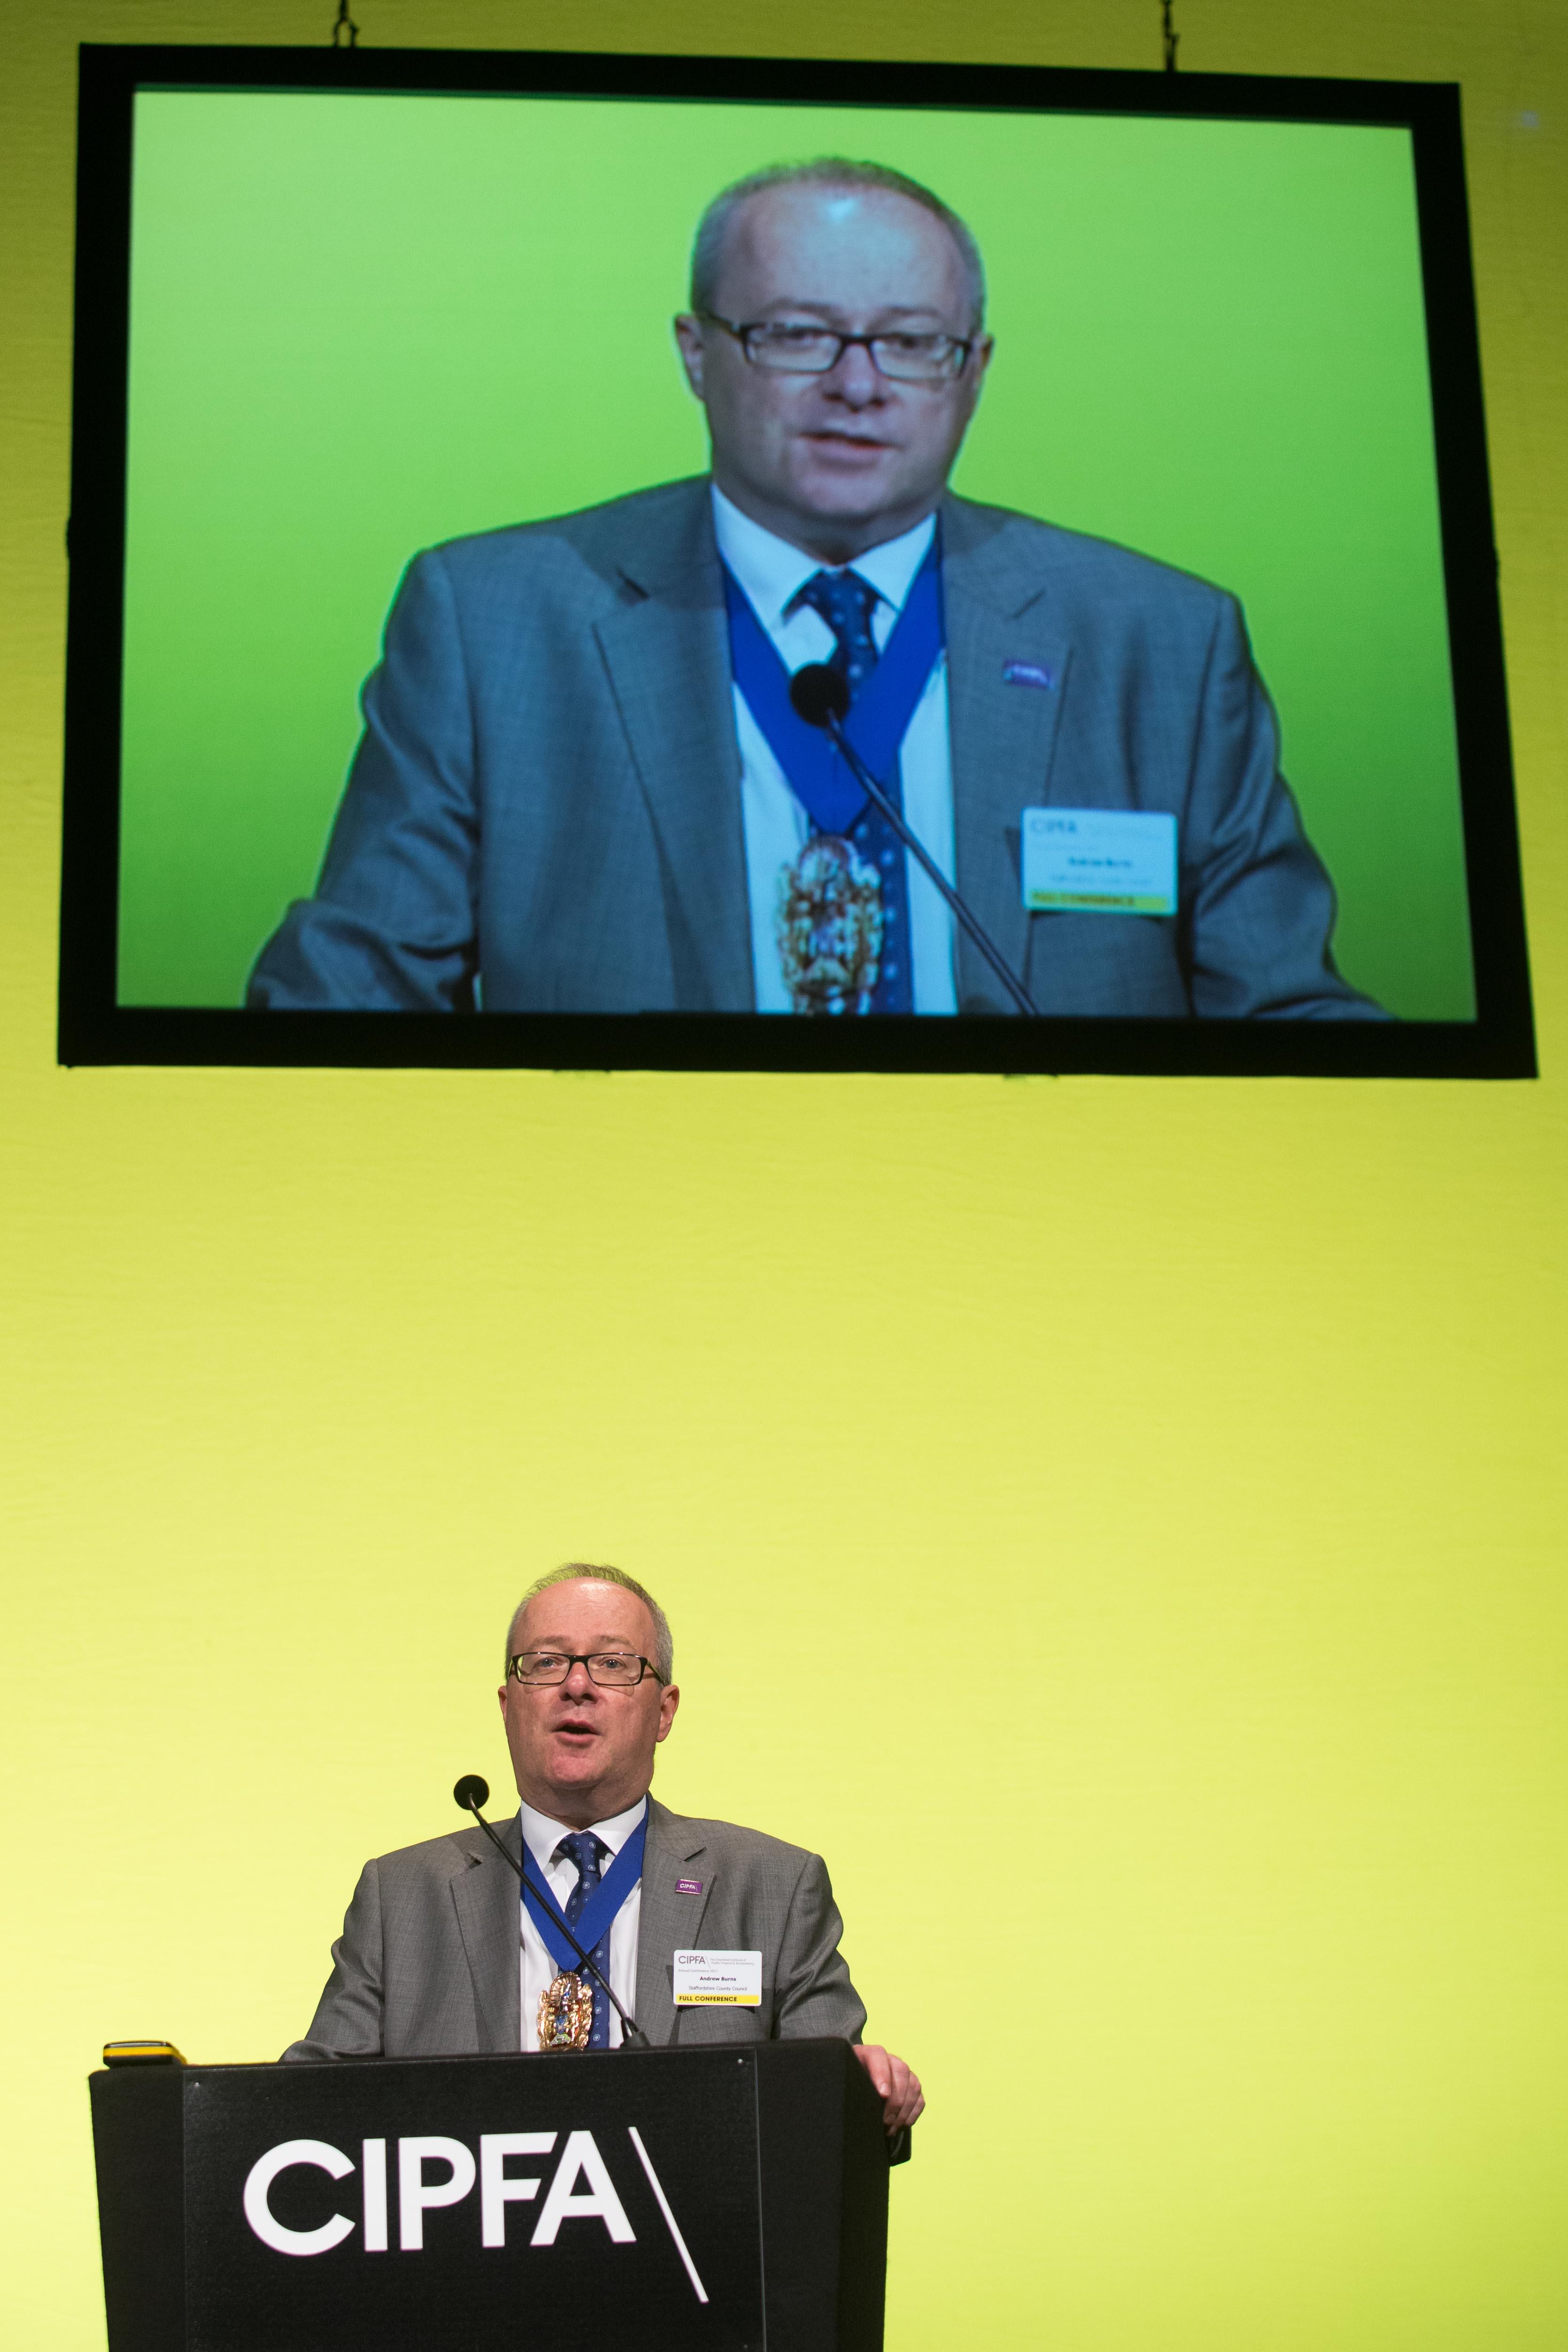 Andy Burns - CIPFA president - CIPFA 2017